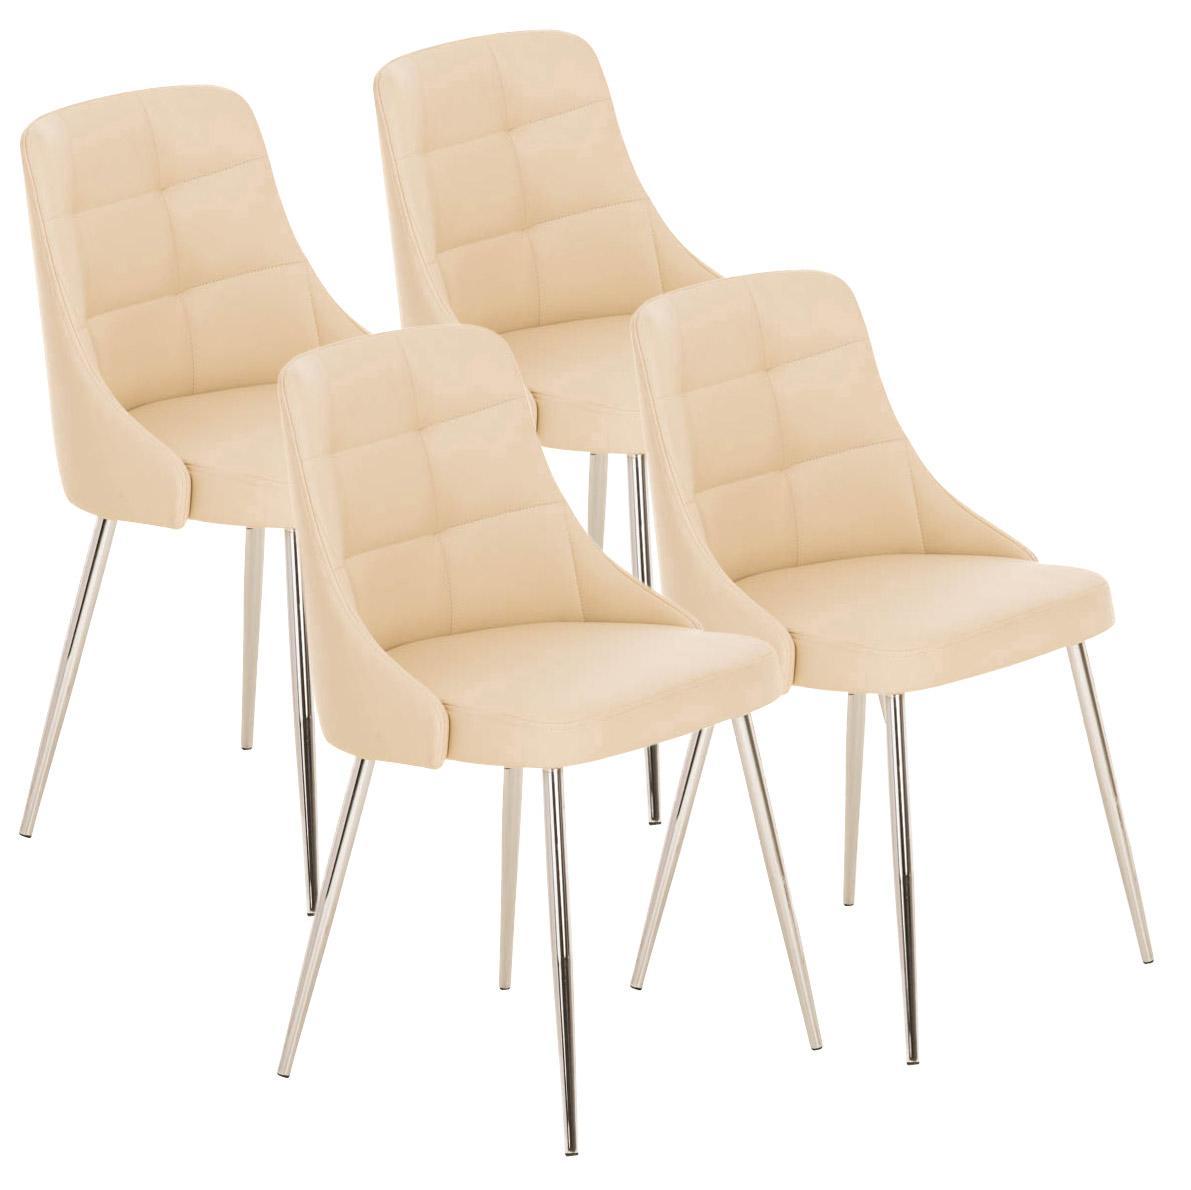 Lote 4 sillas de comedor o cocina harrison en piel crema for Sillas comedor patas metalicas